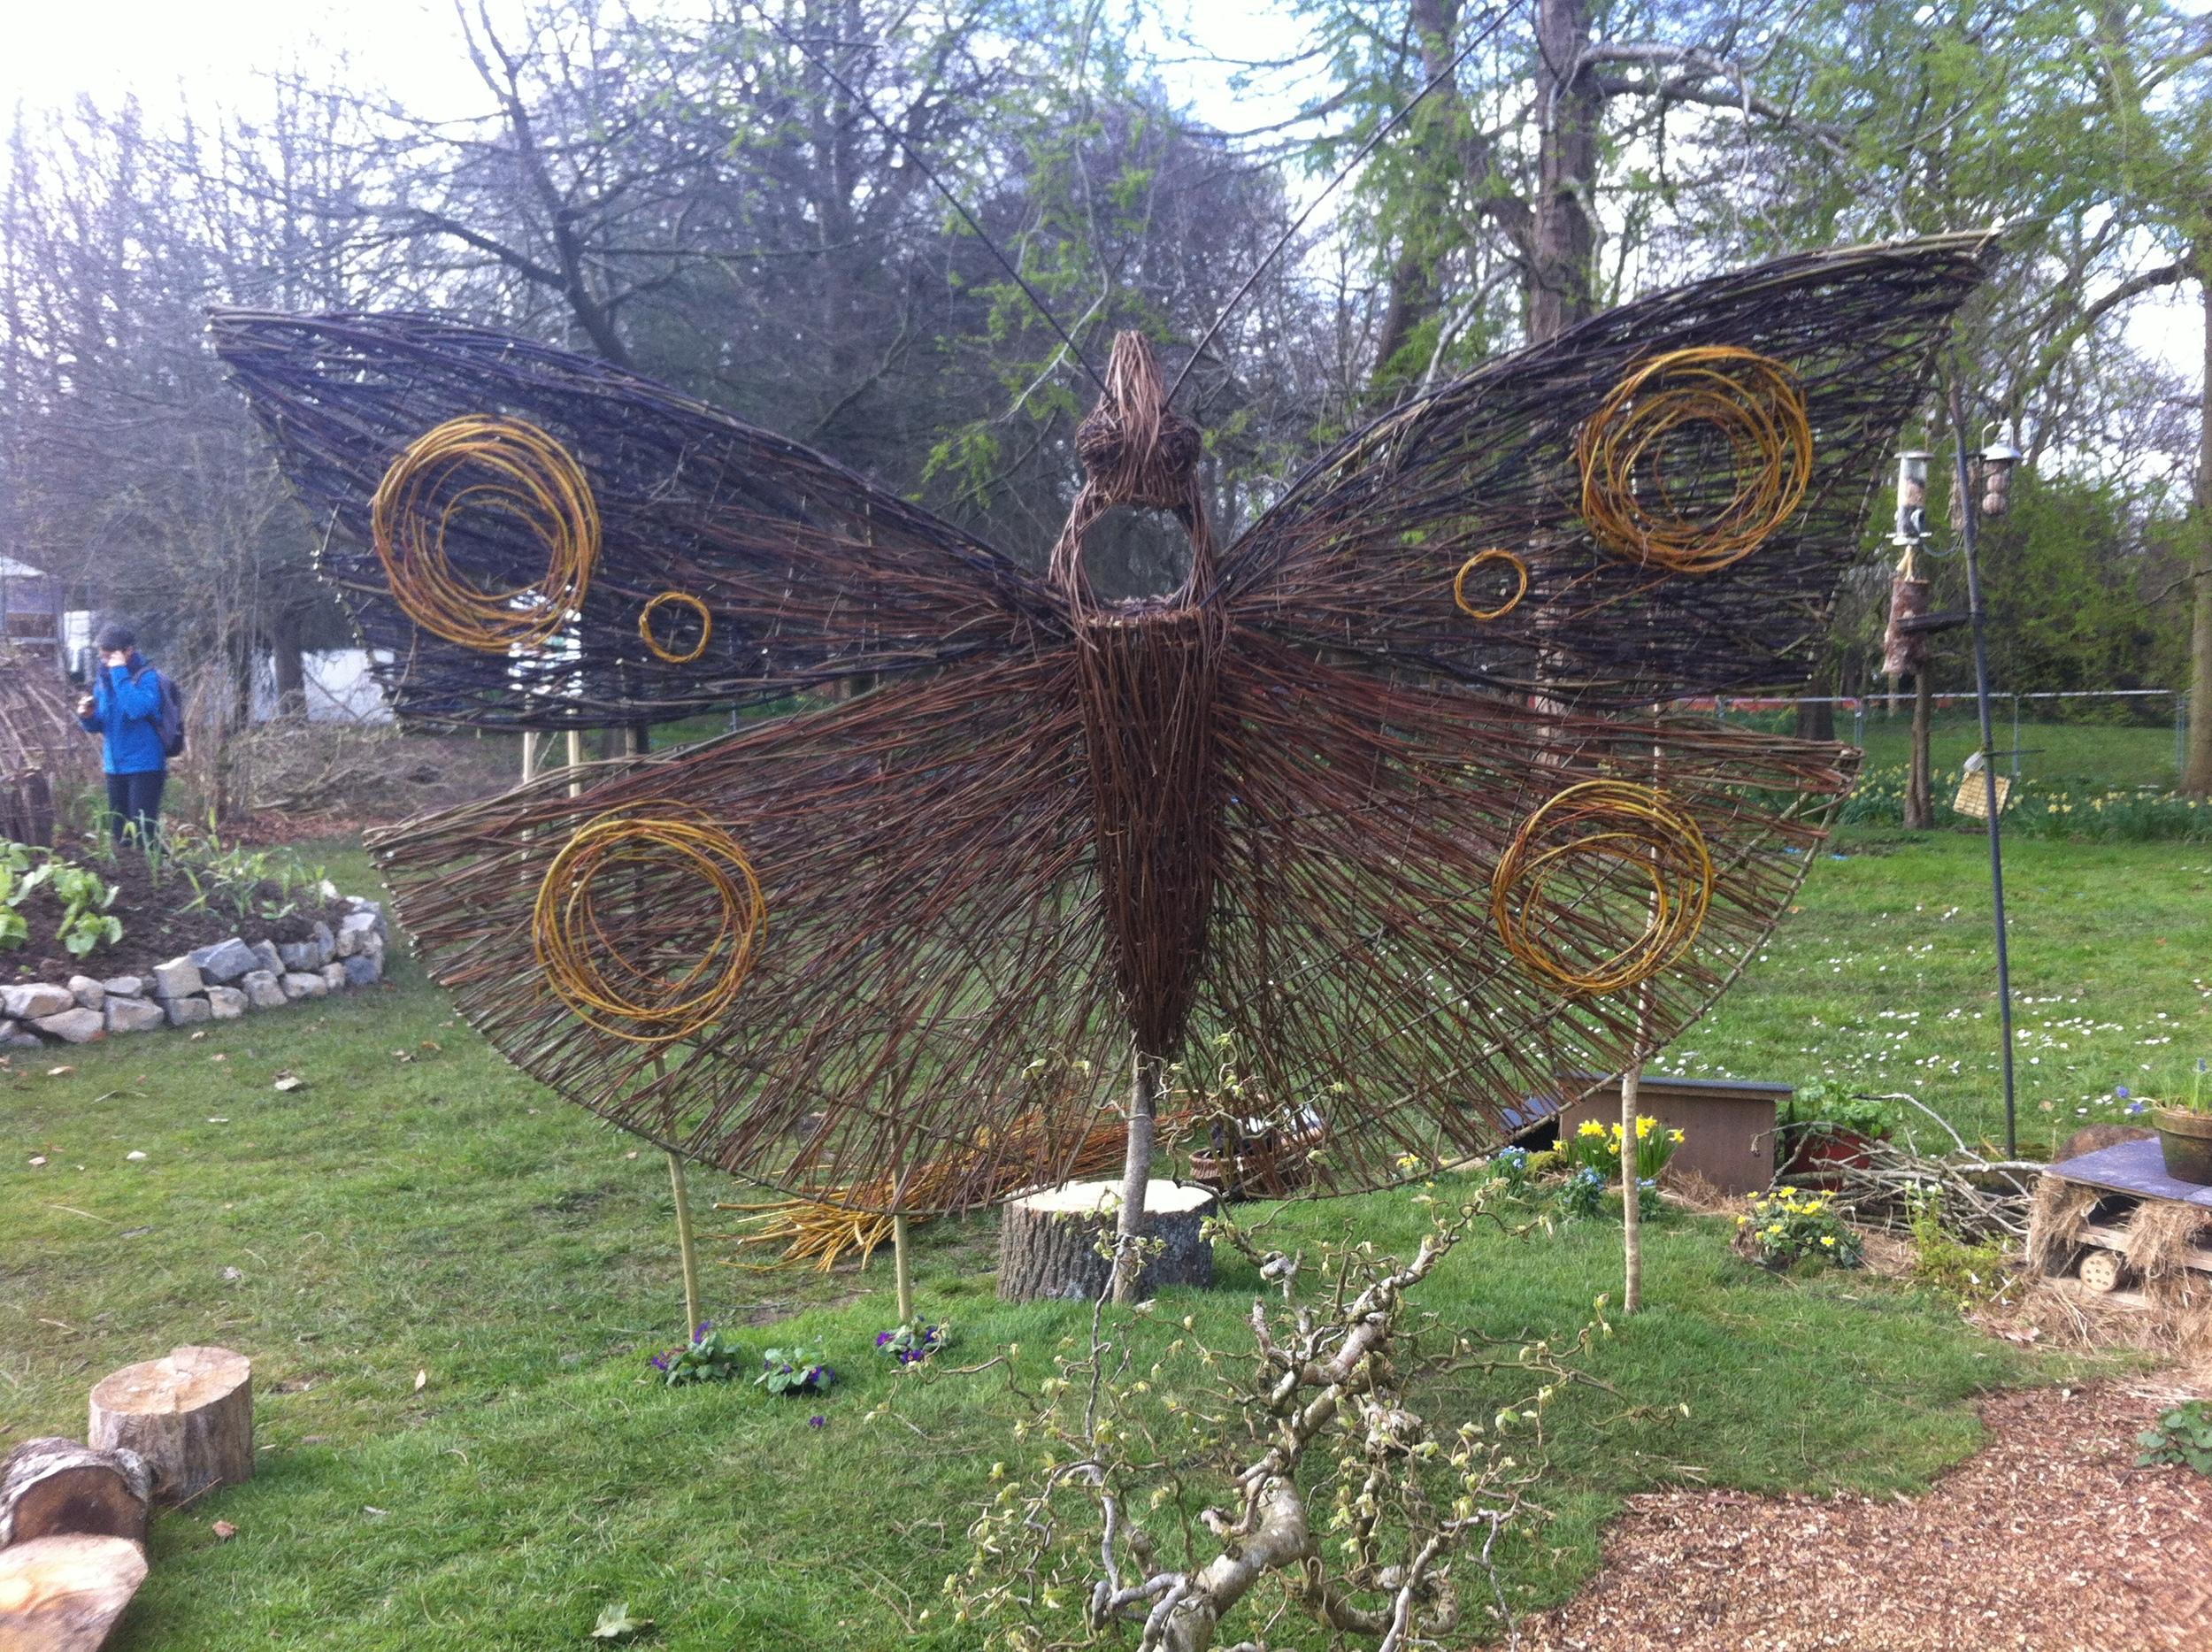 A garden butterfly sculpture.